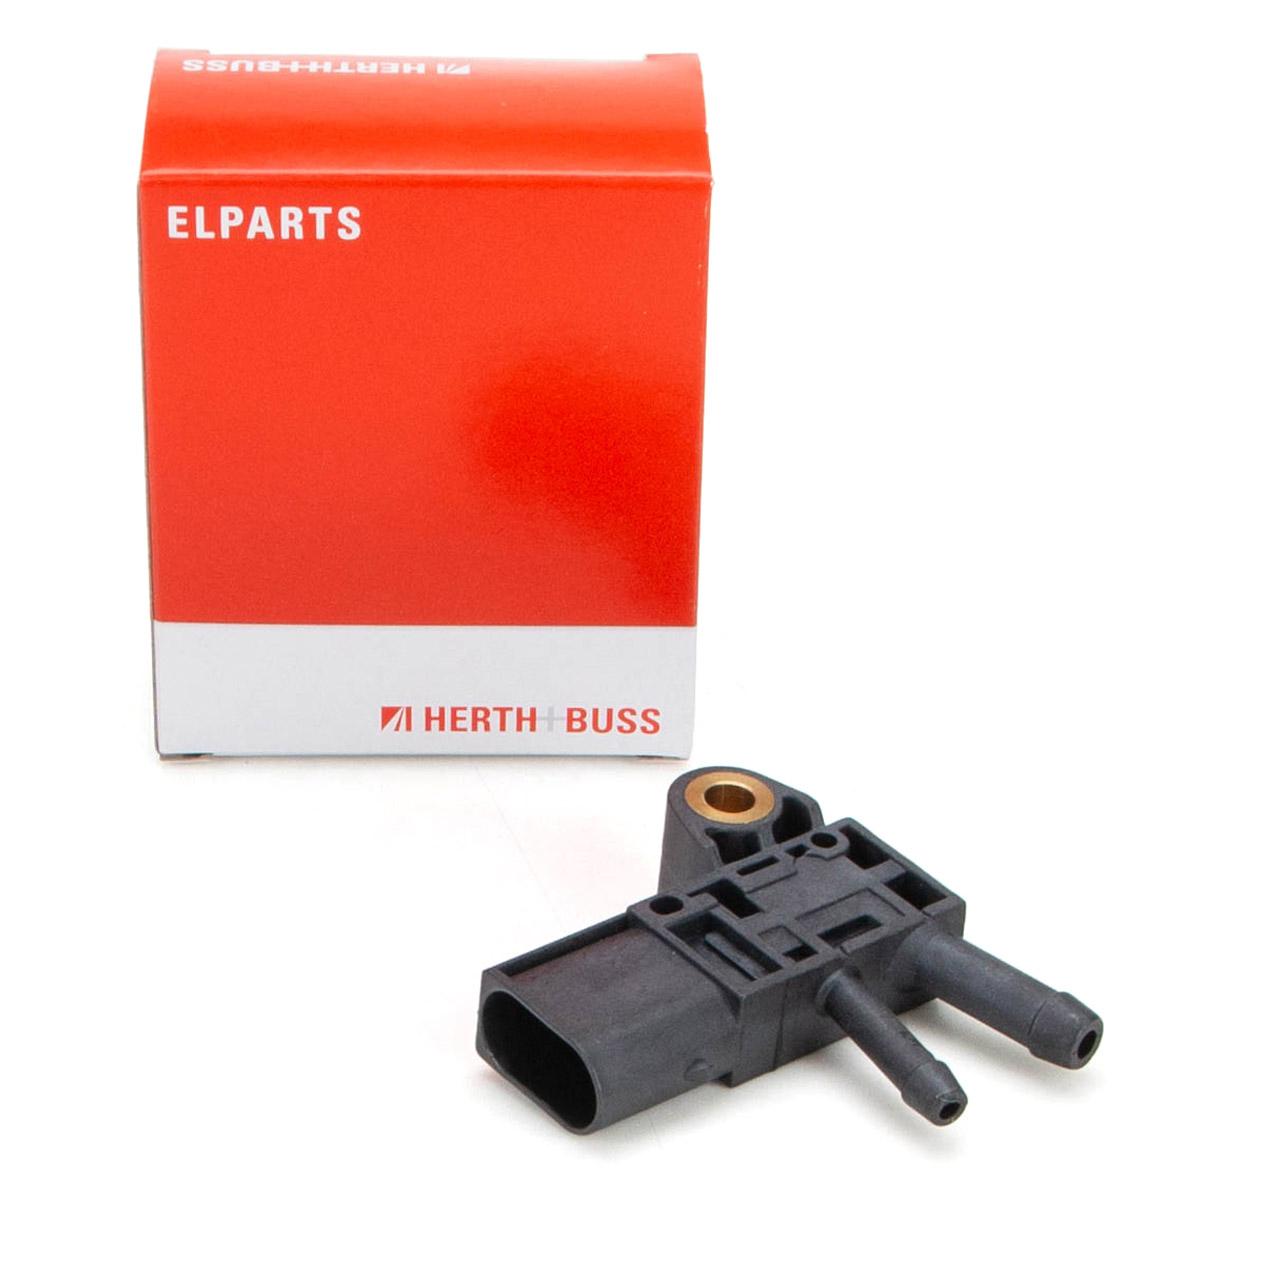 HERTH+BUSS ELPARTS Abgasdrucksensor 70668200 für MERCEDES & SMART CDI Motoren